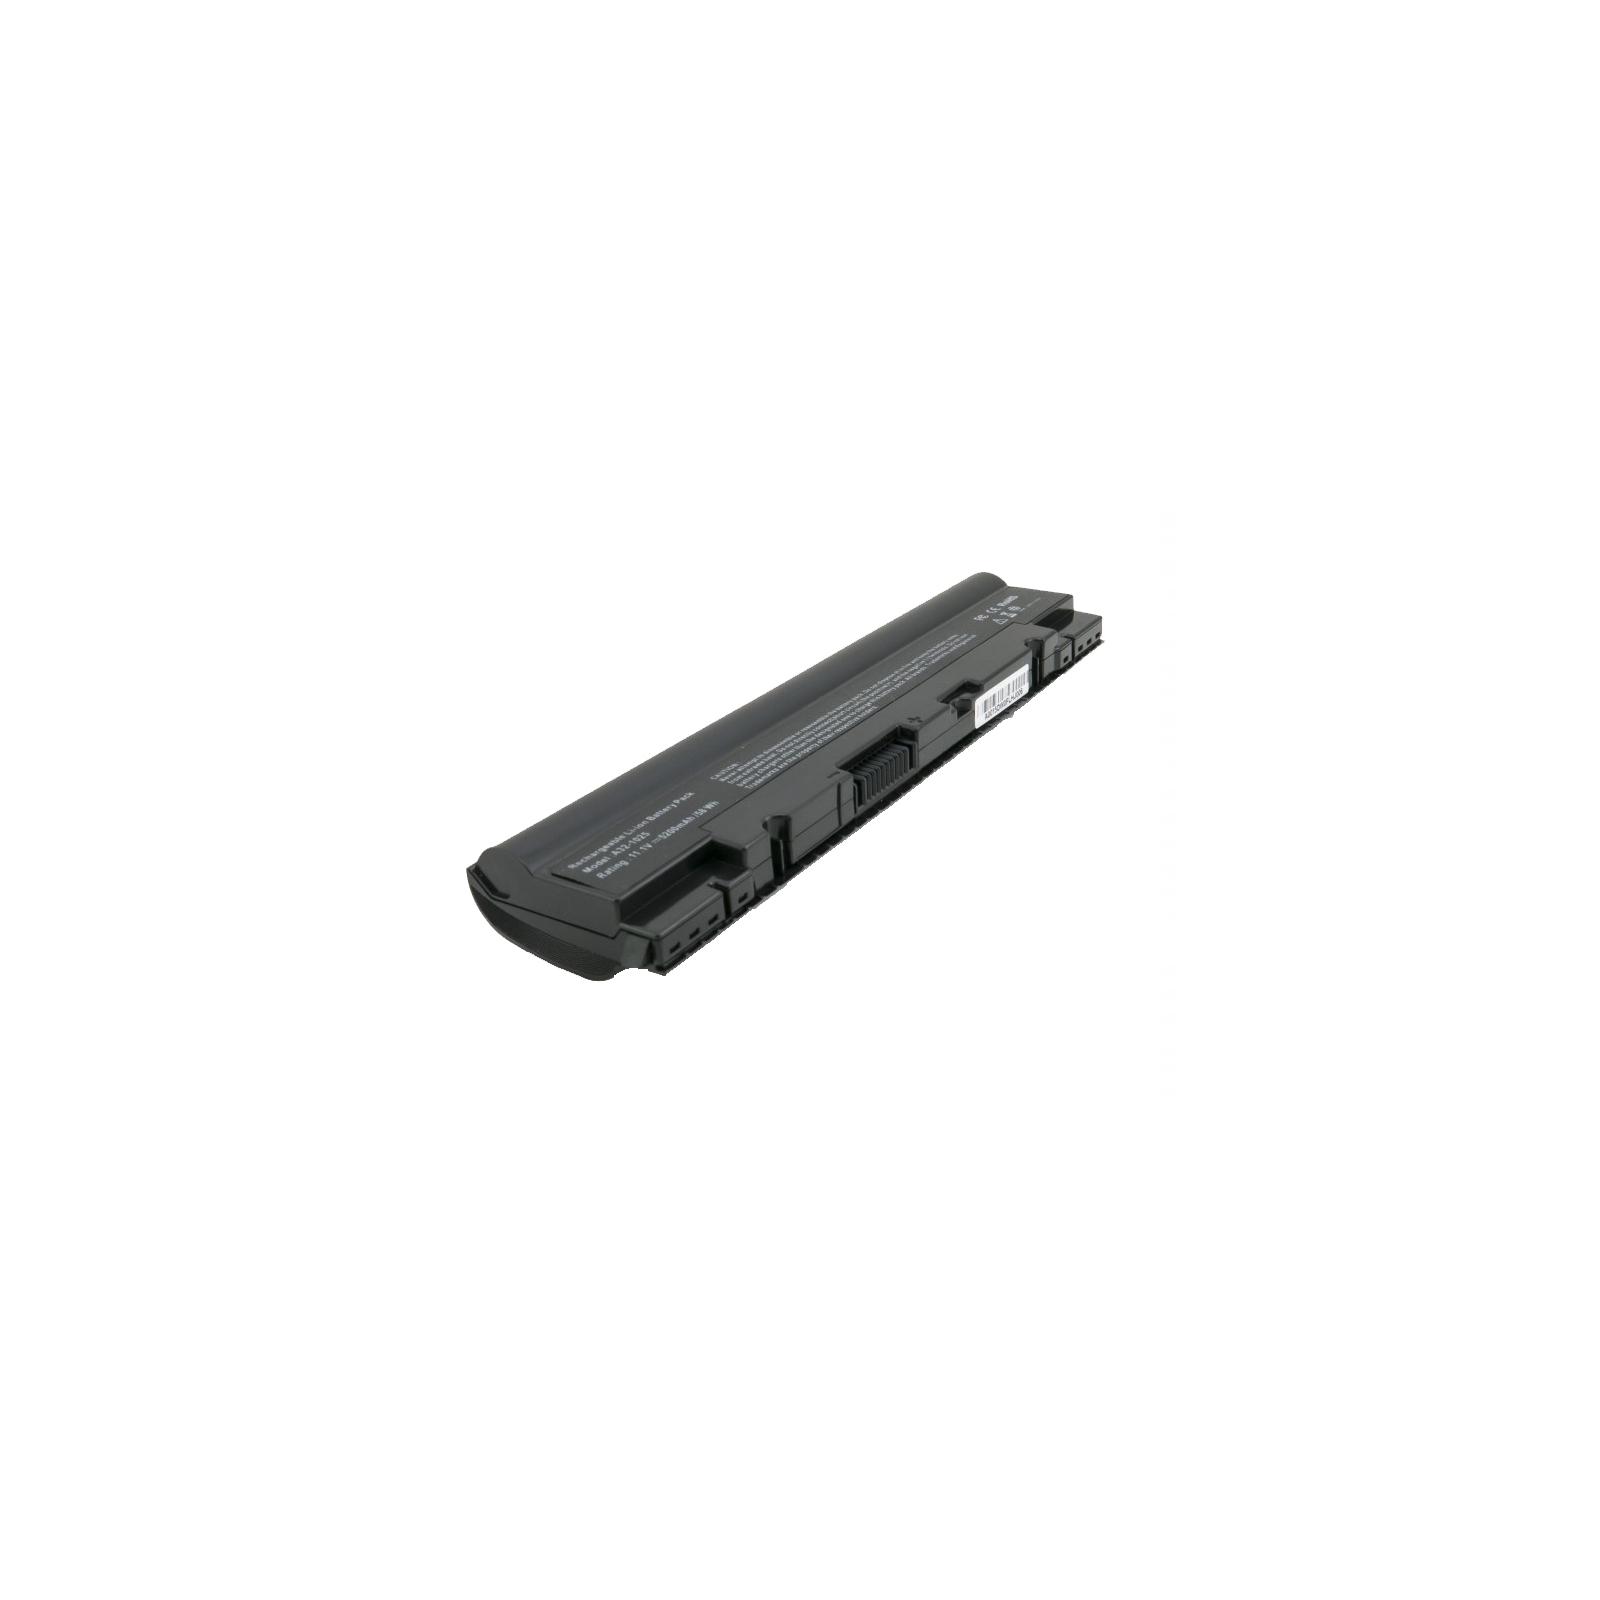 Аккумулятор для ноутбука Asus Eee PC 1025 (A32-1025) 5200 mAh EXTRADIGITAL (BNA3921) изображение 2